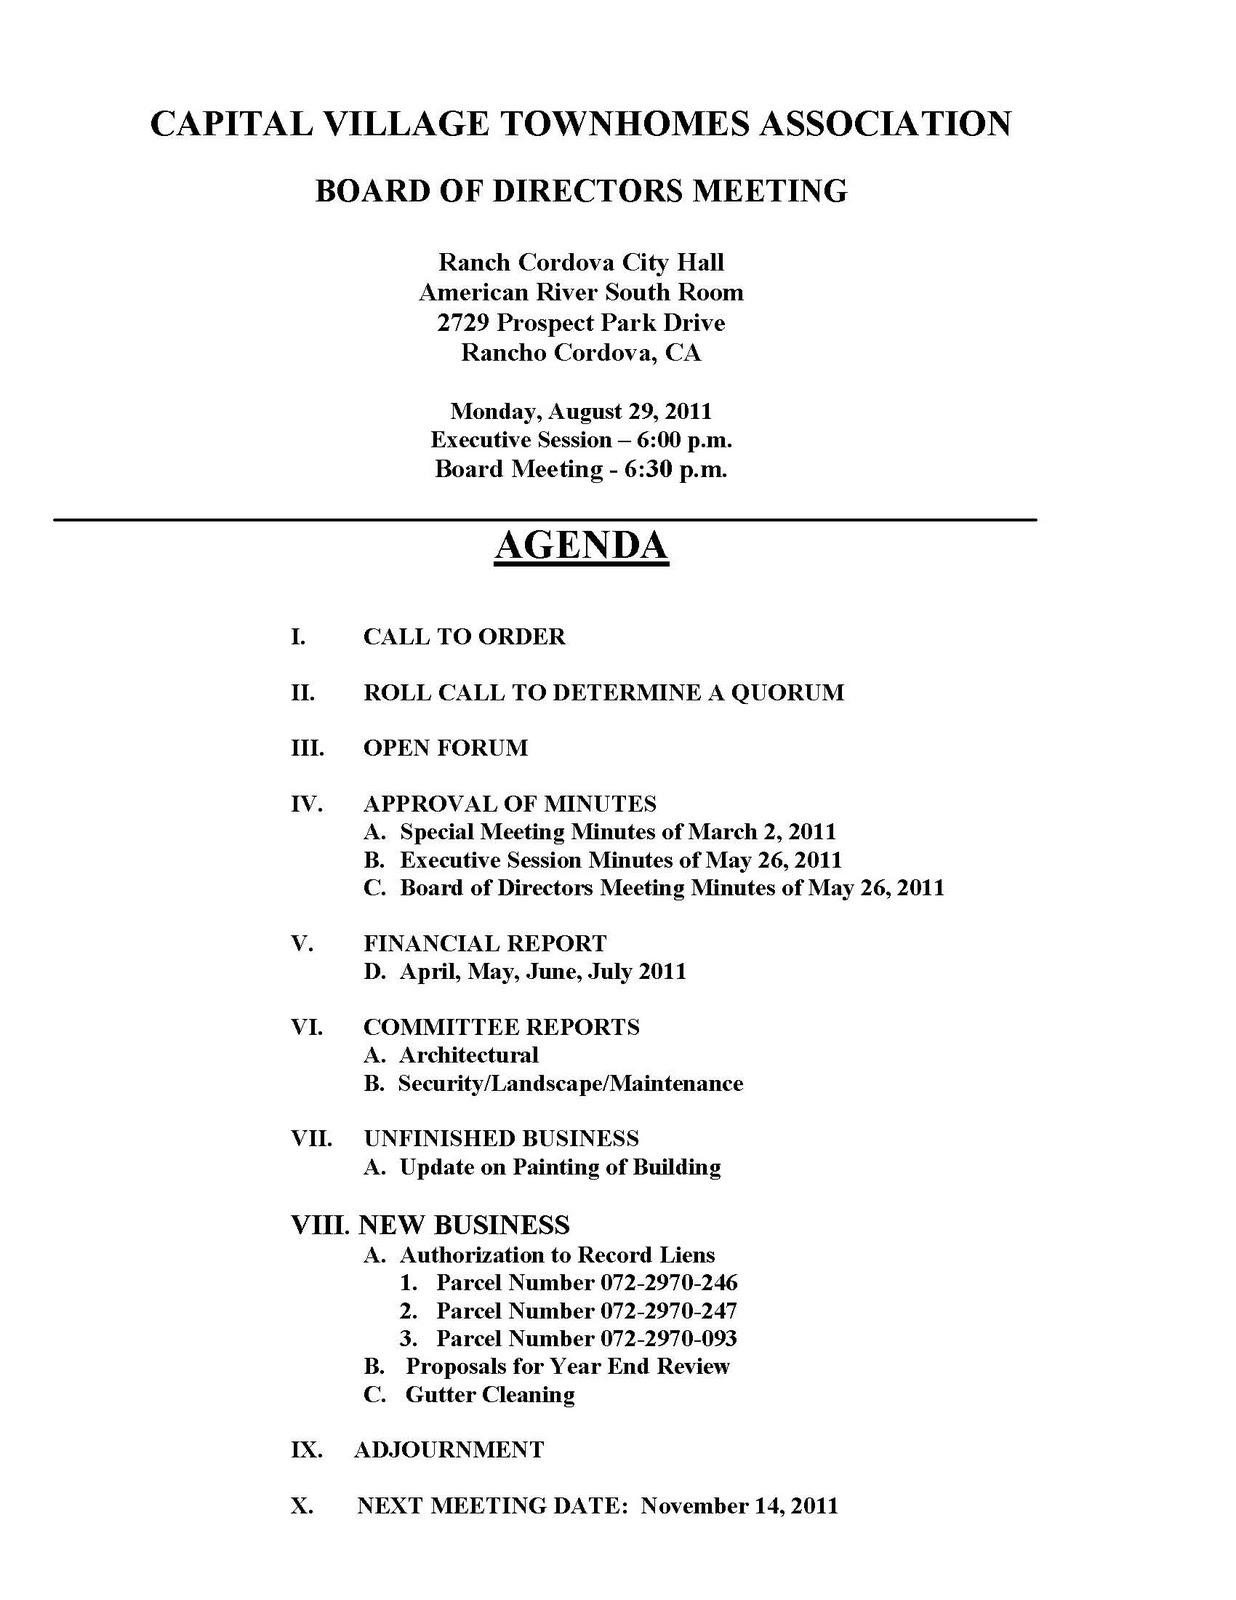 hoa meeting agenda template